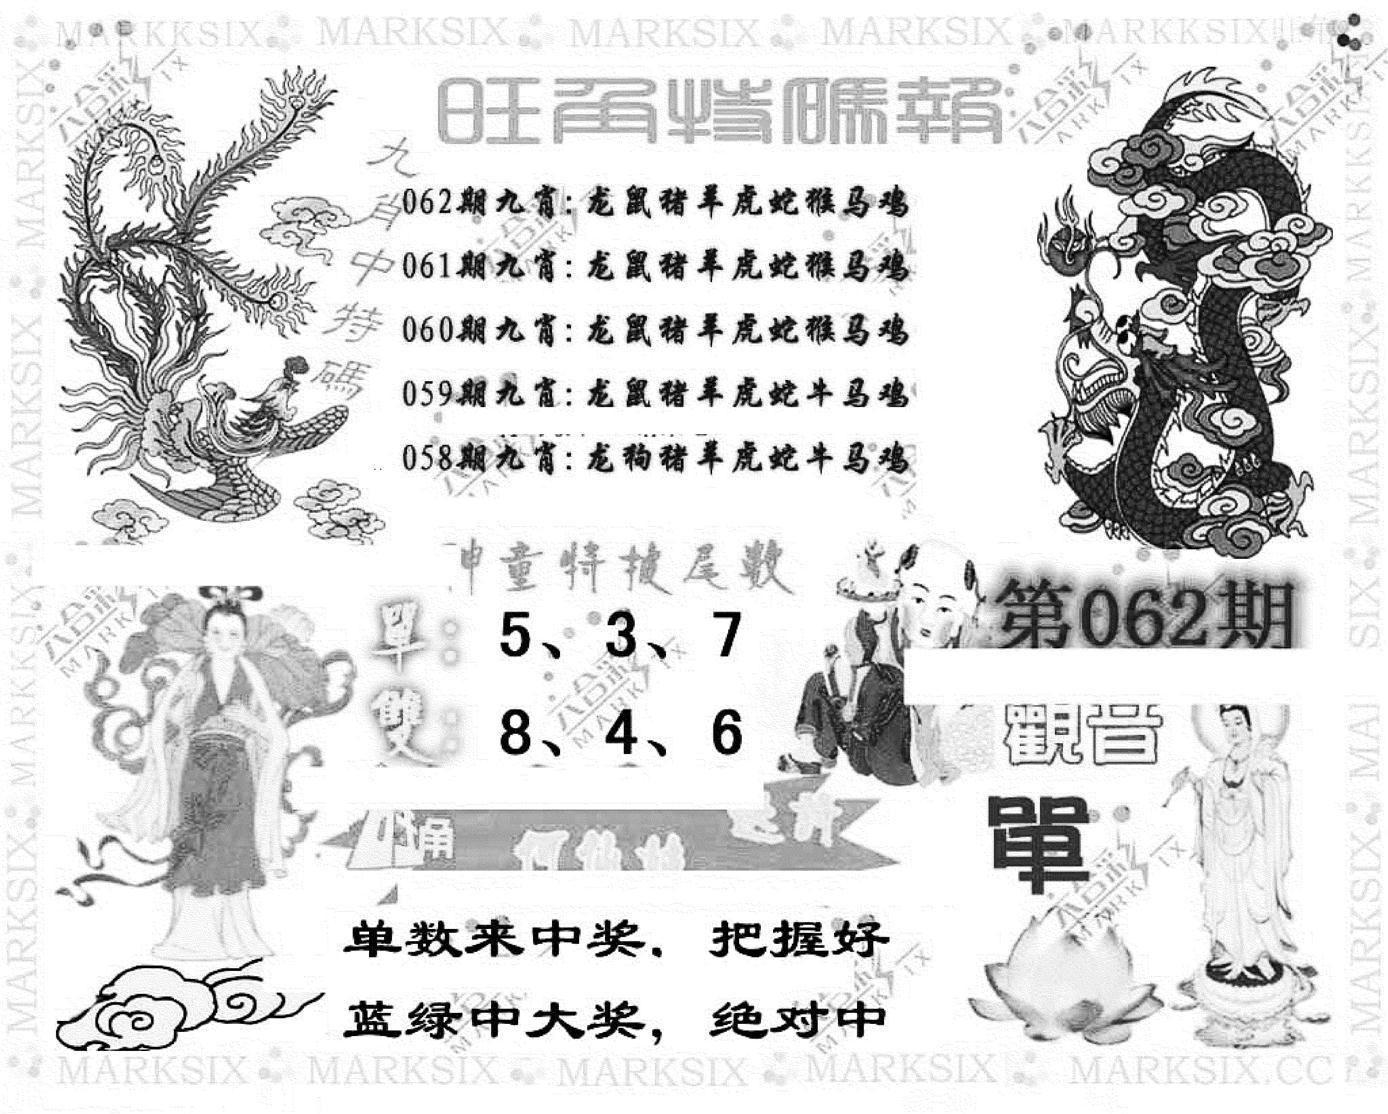 062期旺角特码报(彩)(黑白)